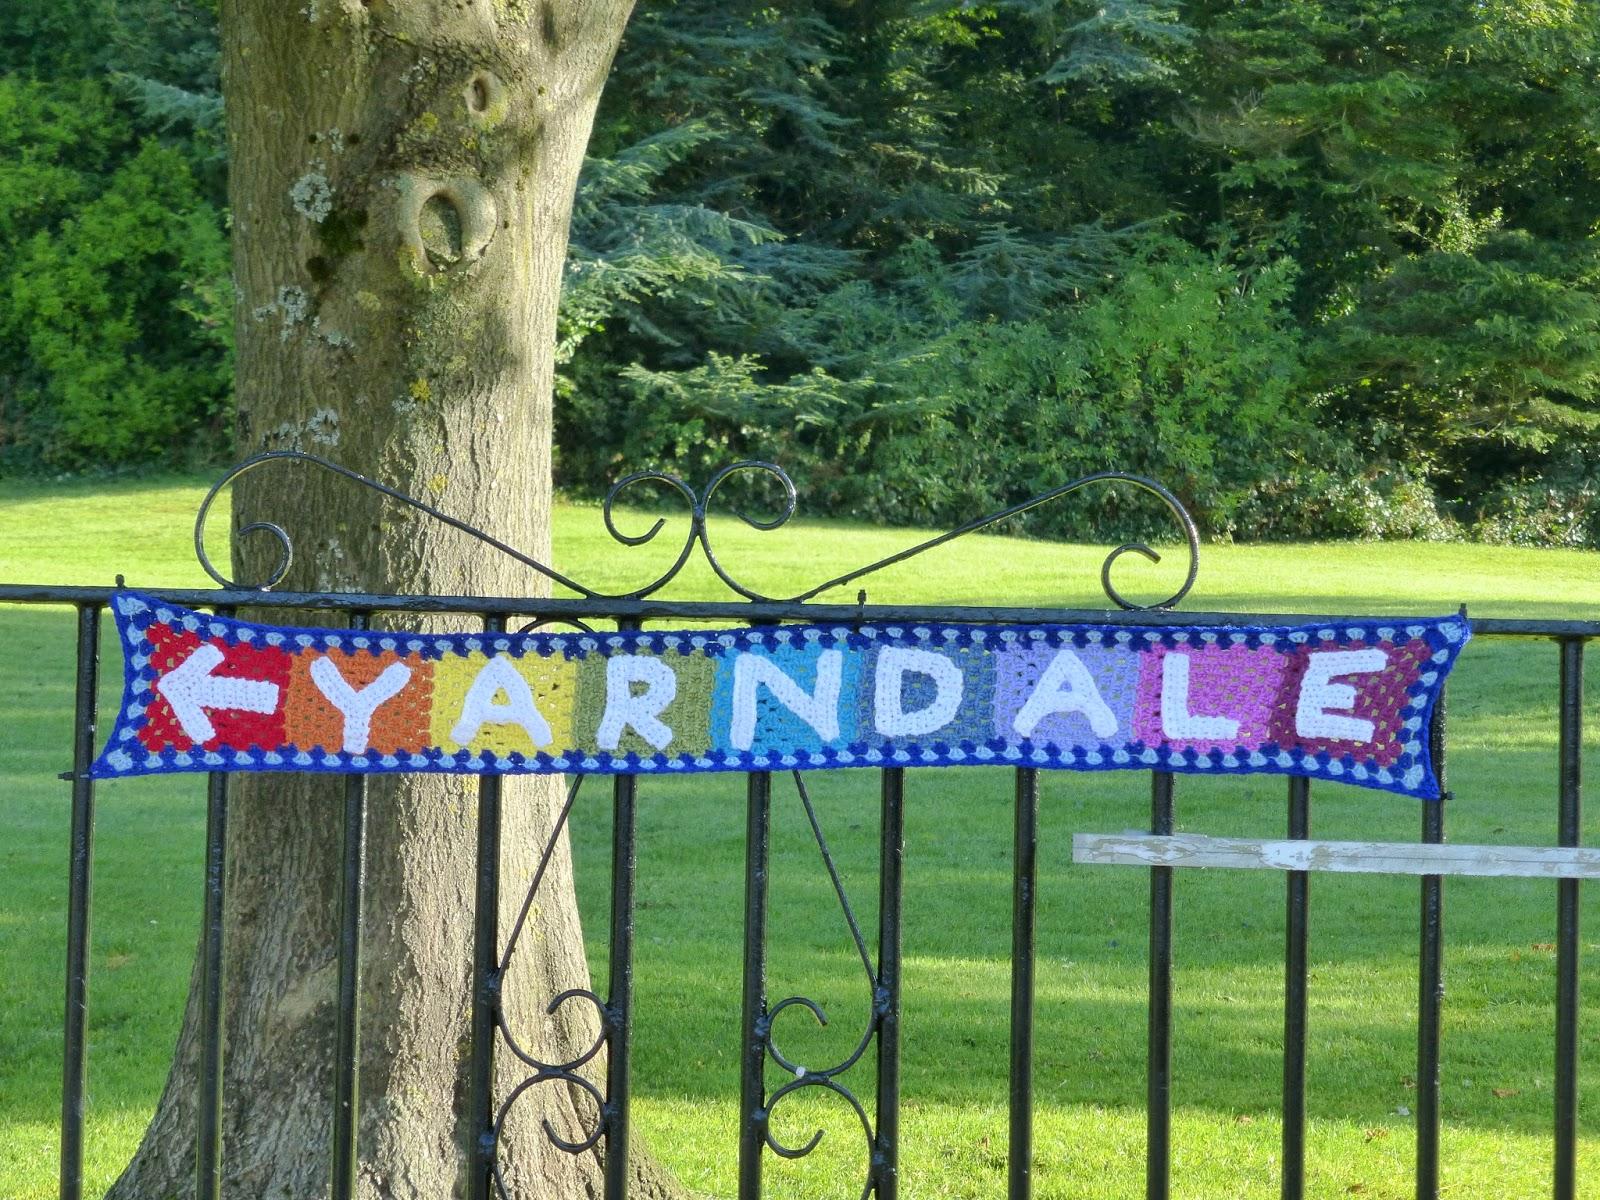 Yarndale yarn bombing crochet letters of word yarndale